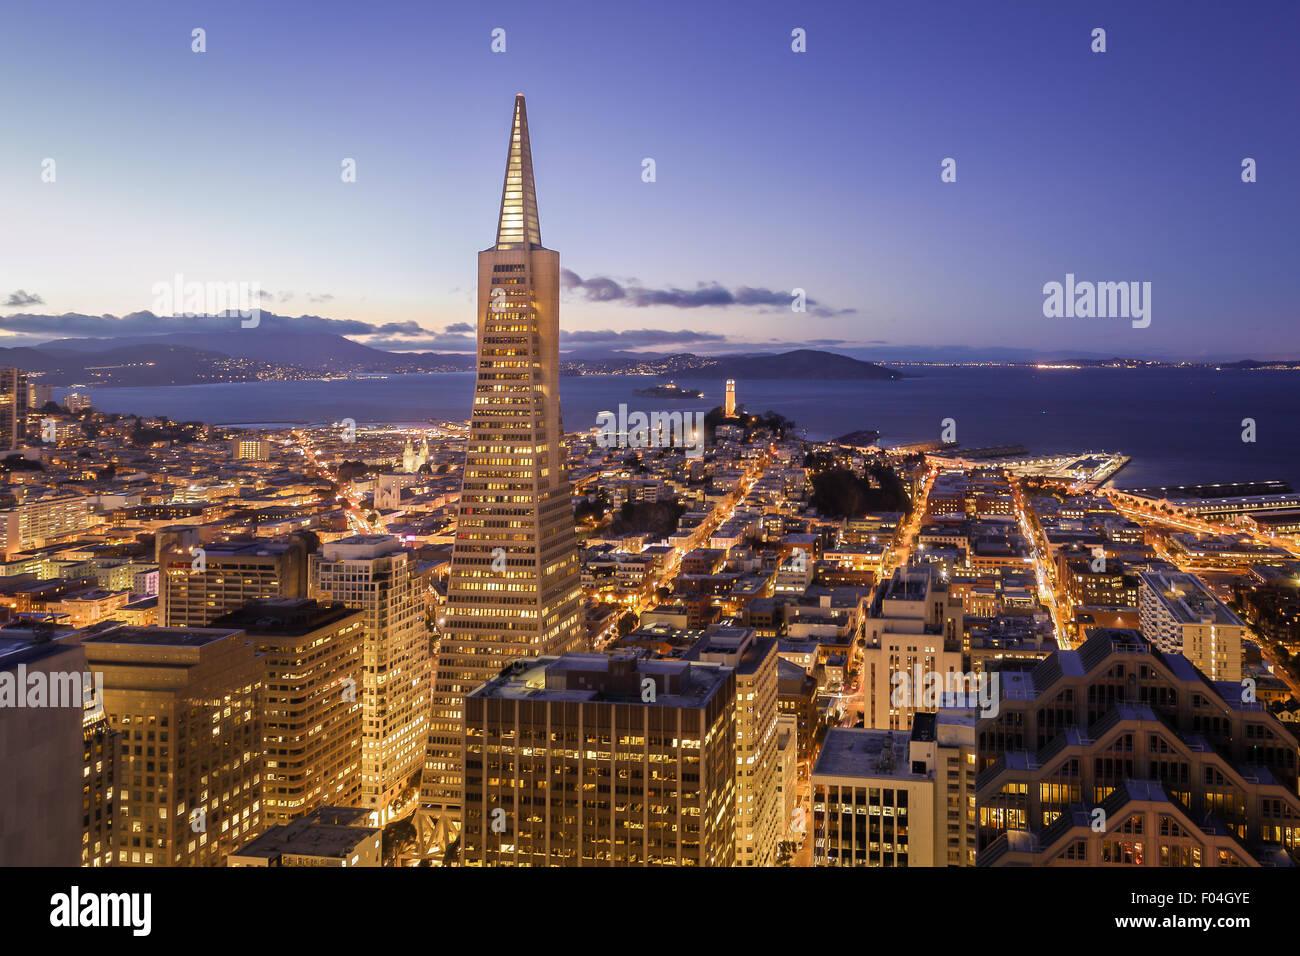 Luftaufnahme von San Francisco Skyline bei Nacht mit den Lichtern der Stadt Stockbild